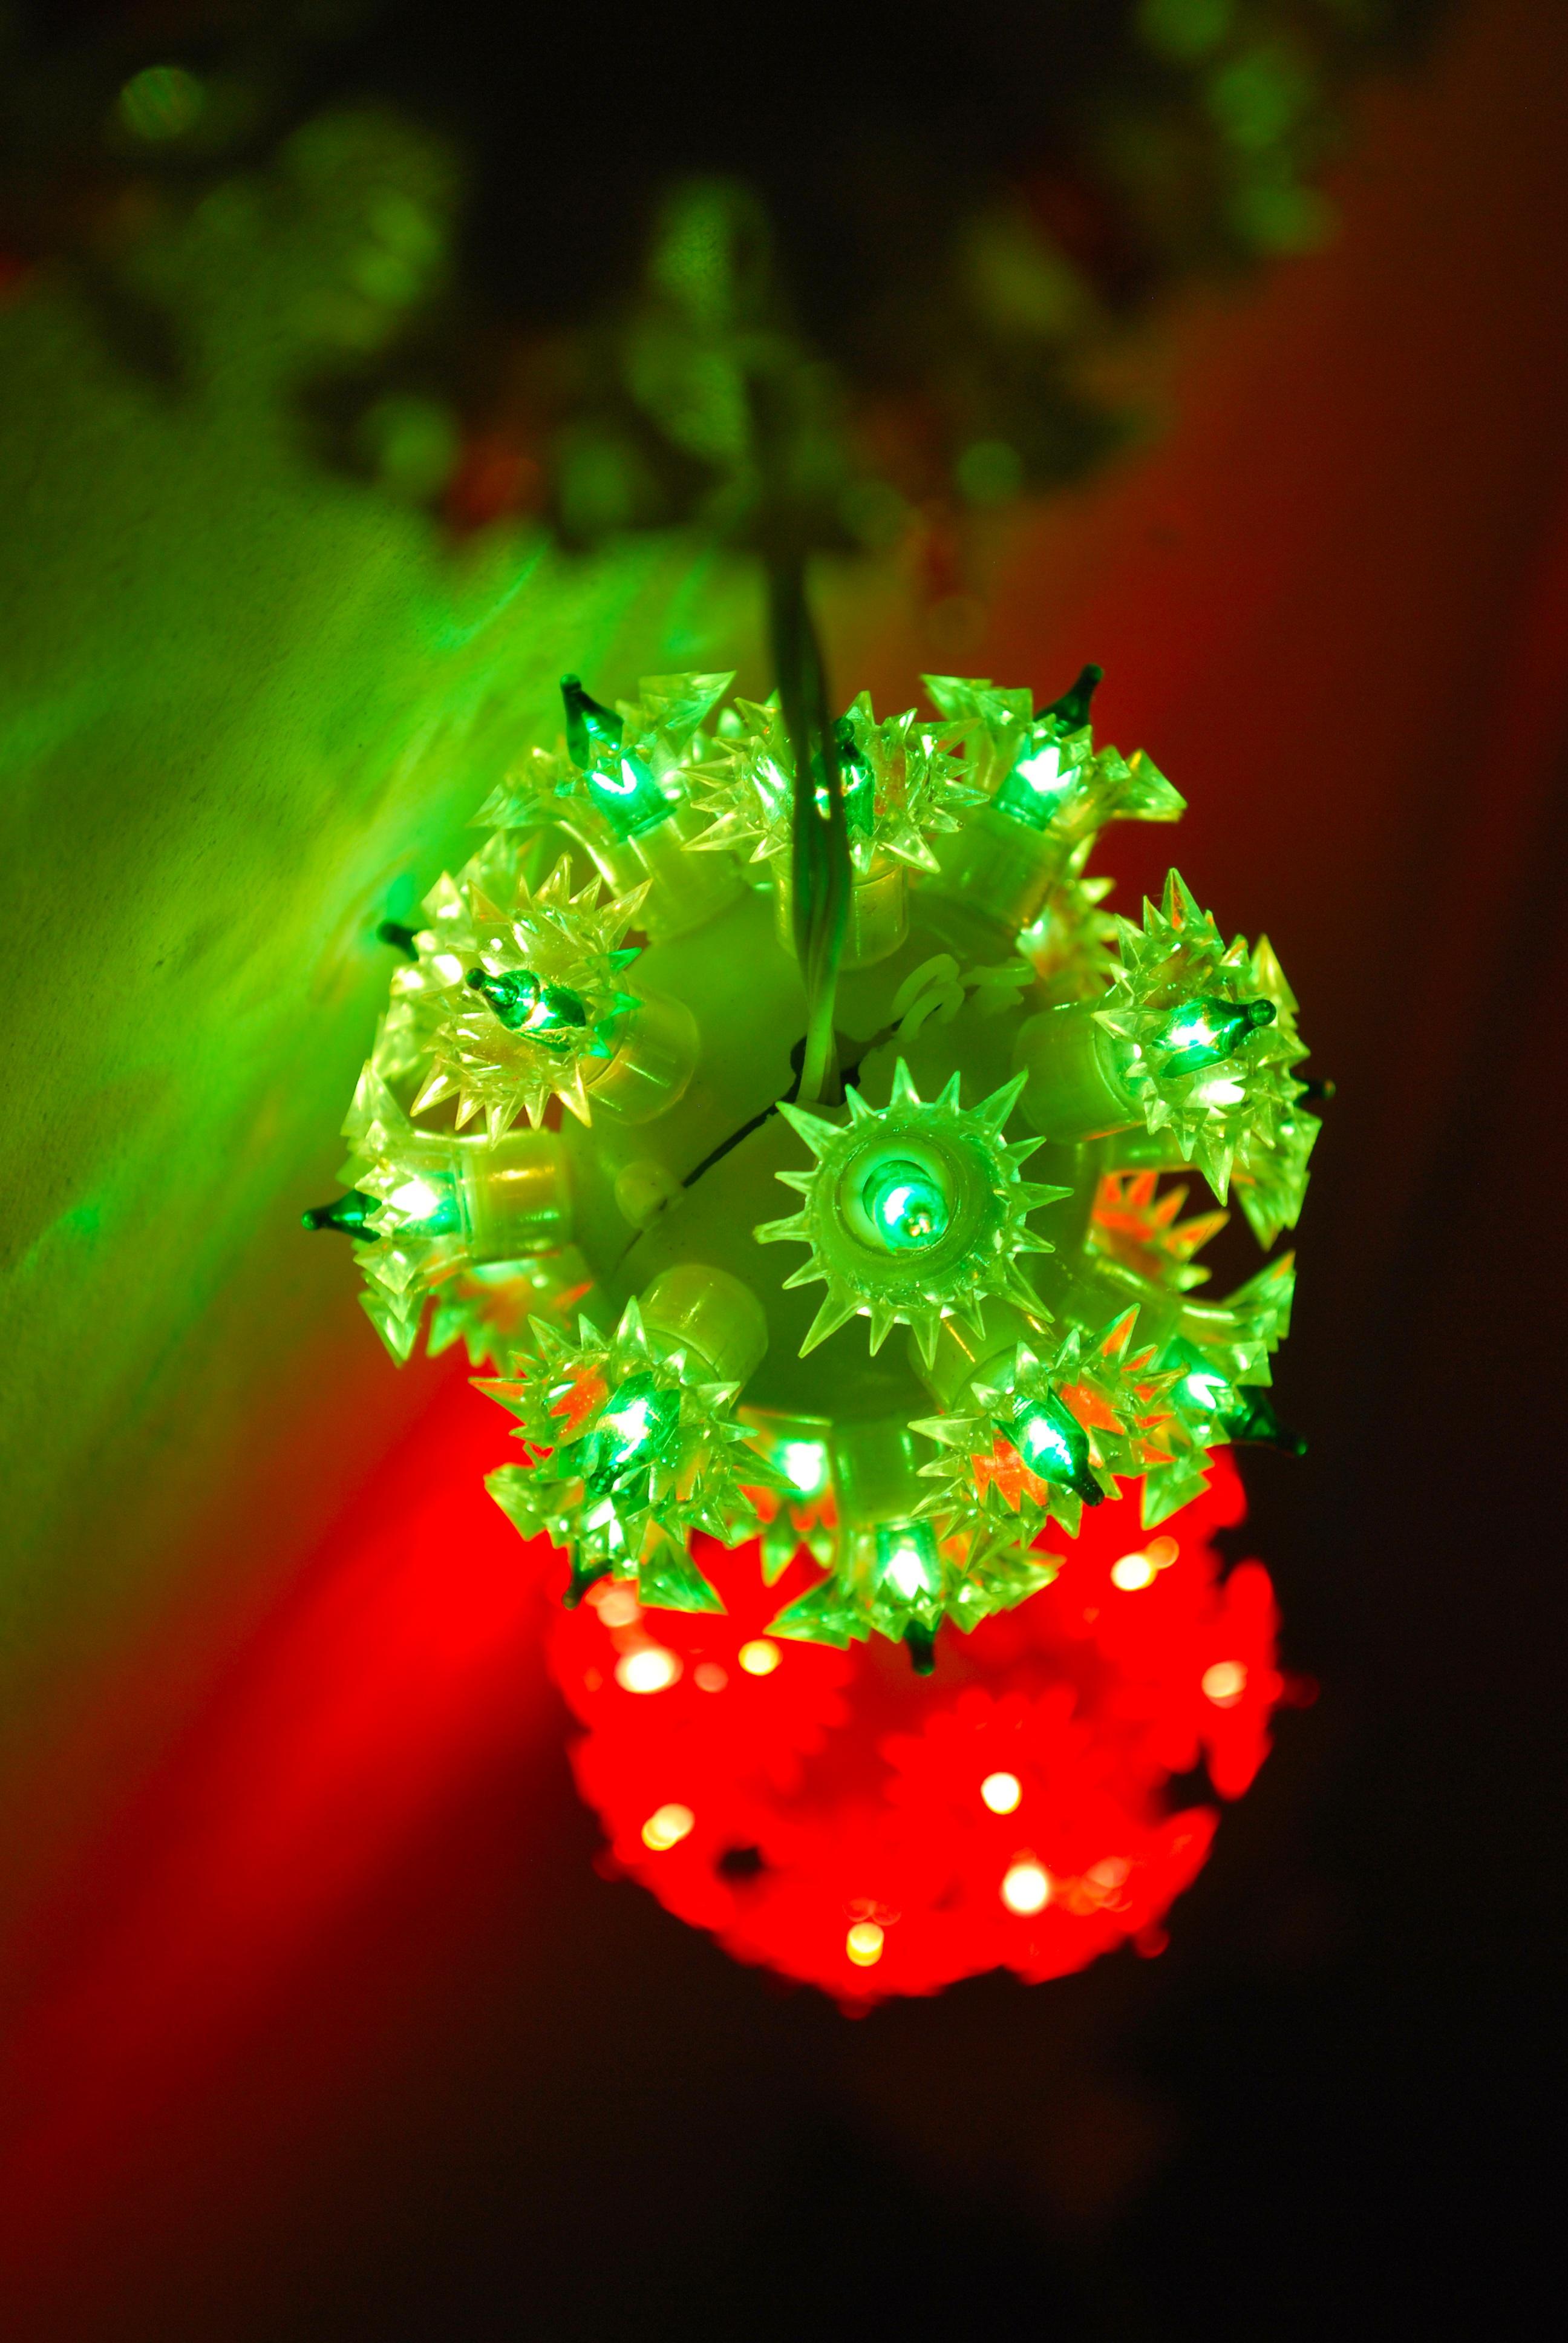 Fotos gratis : ligero, planta, fotografía, hoja, flor, pétalo, verde ...